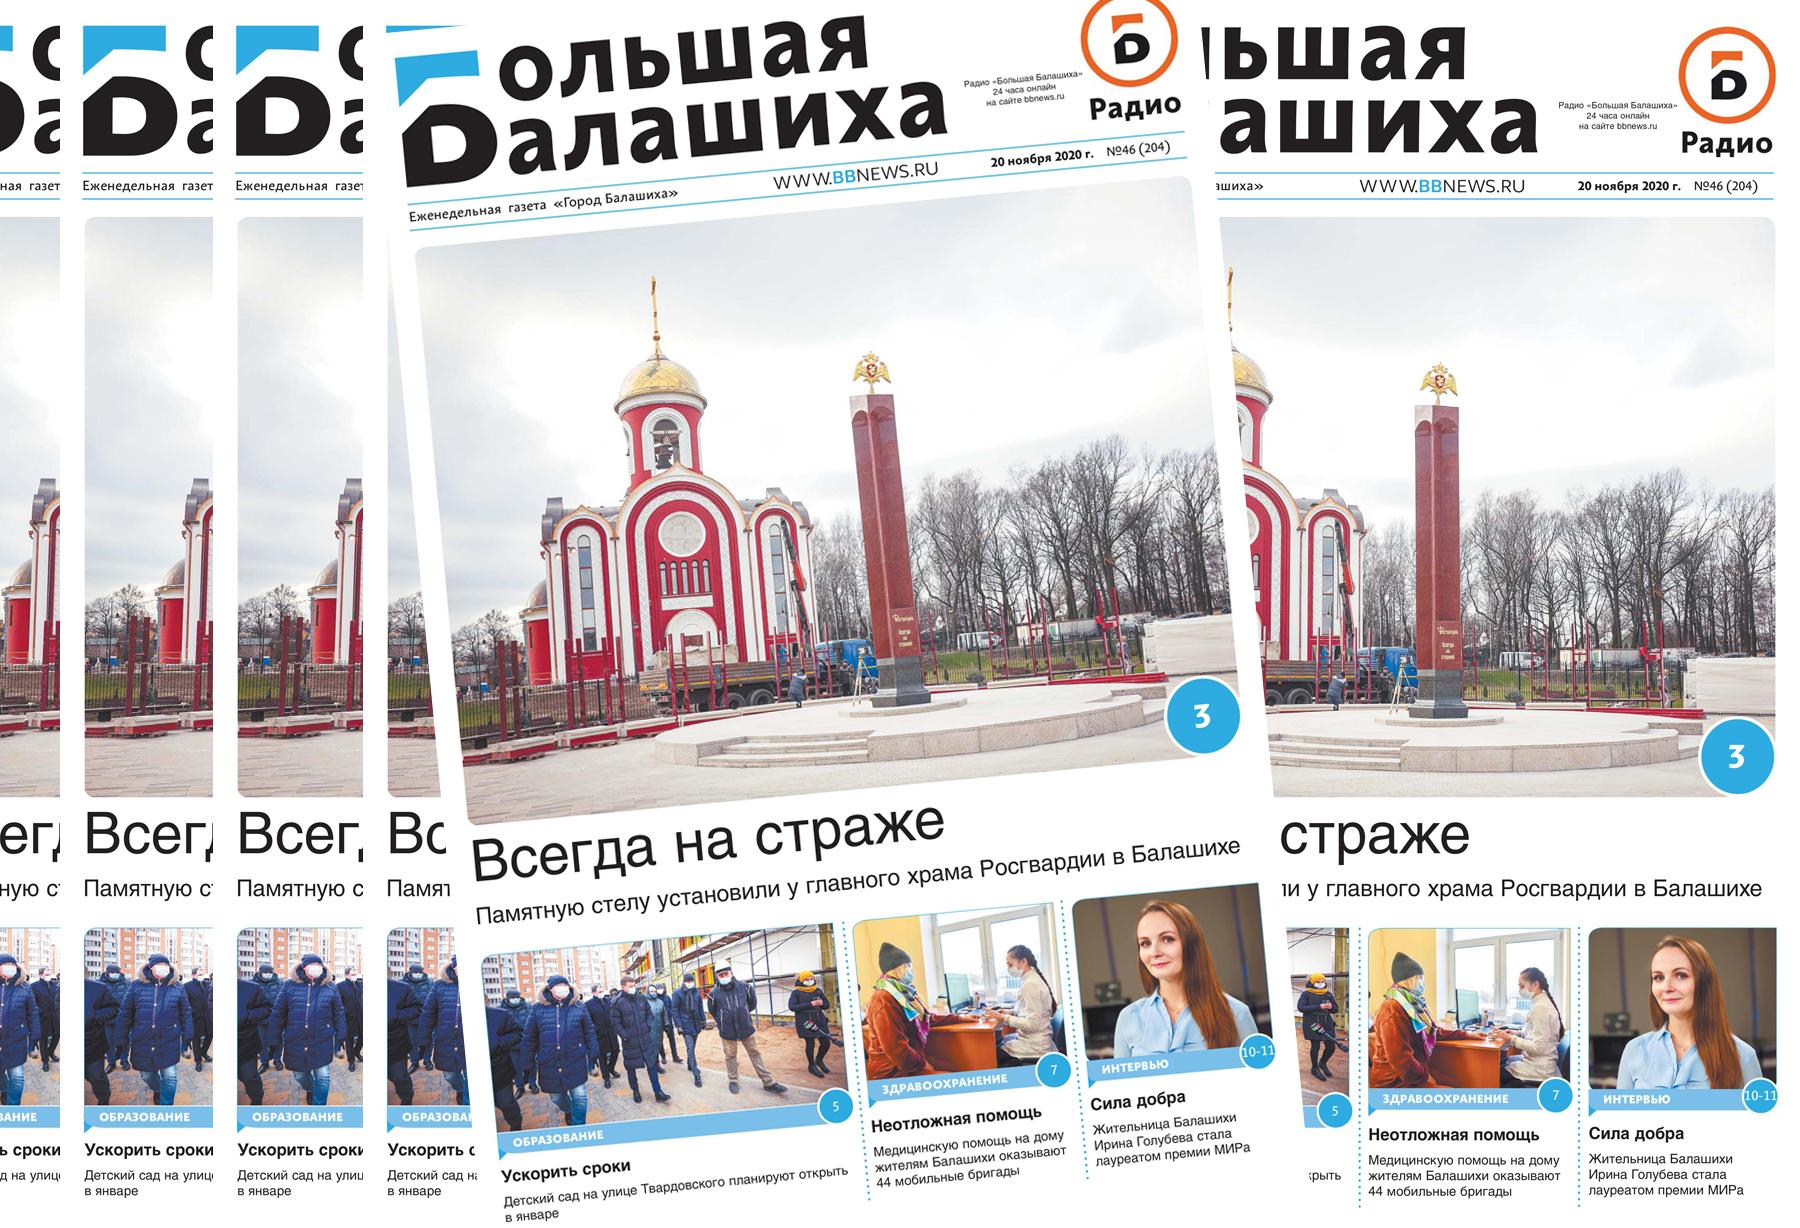 Вышла газета «Город Балашиха» №46 (204)